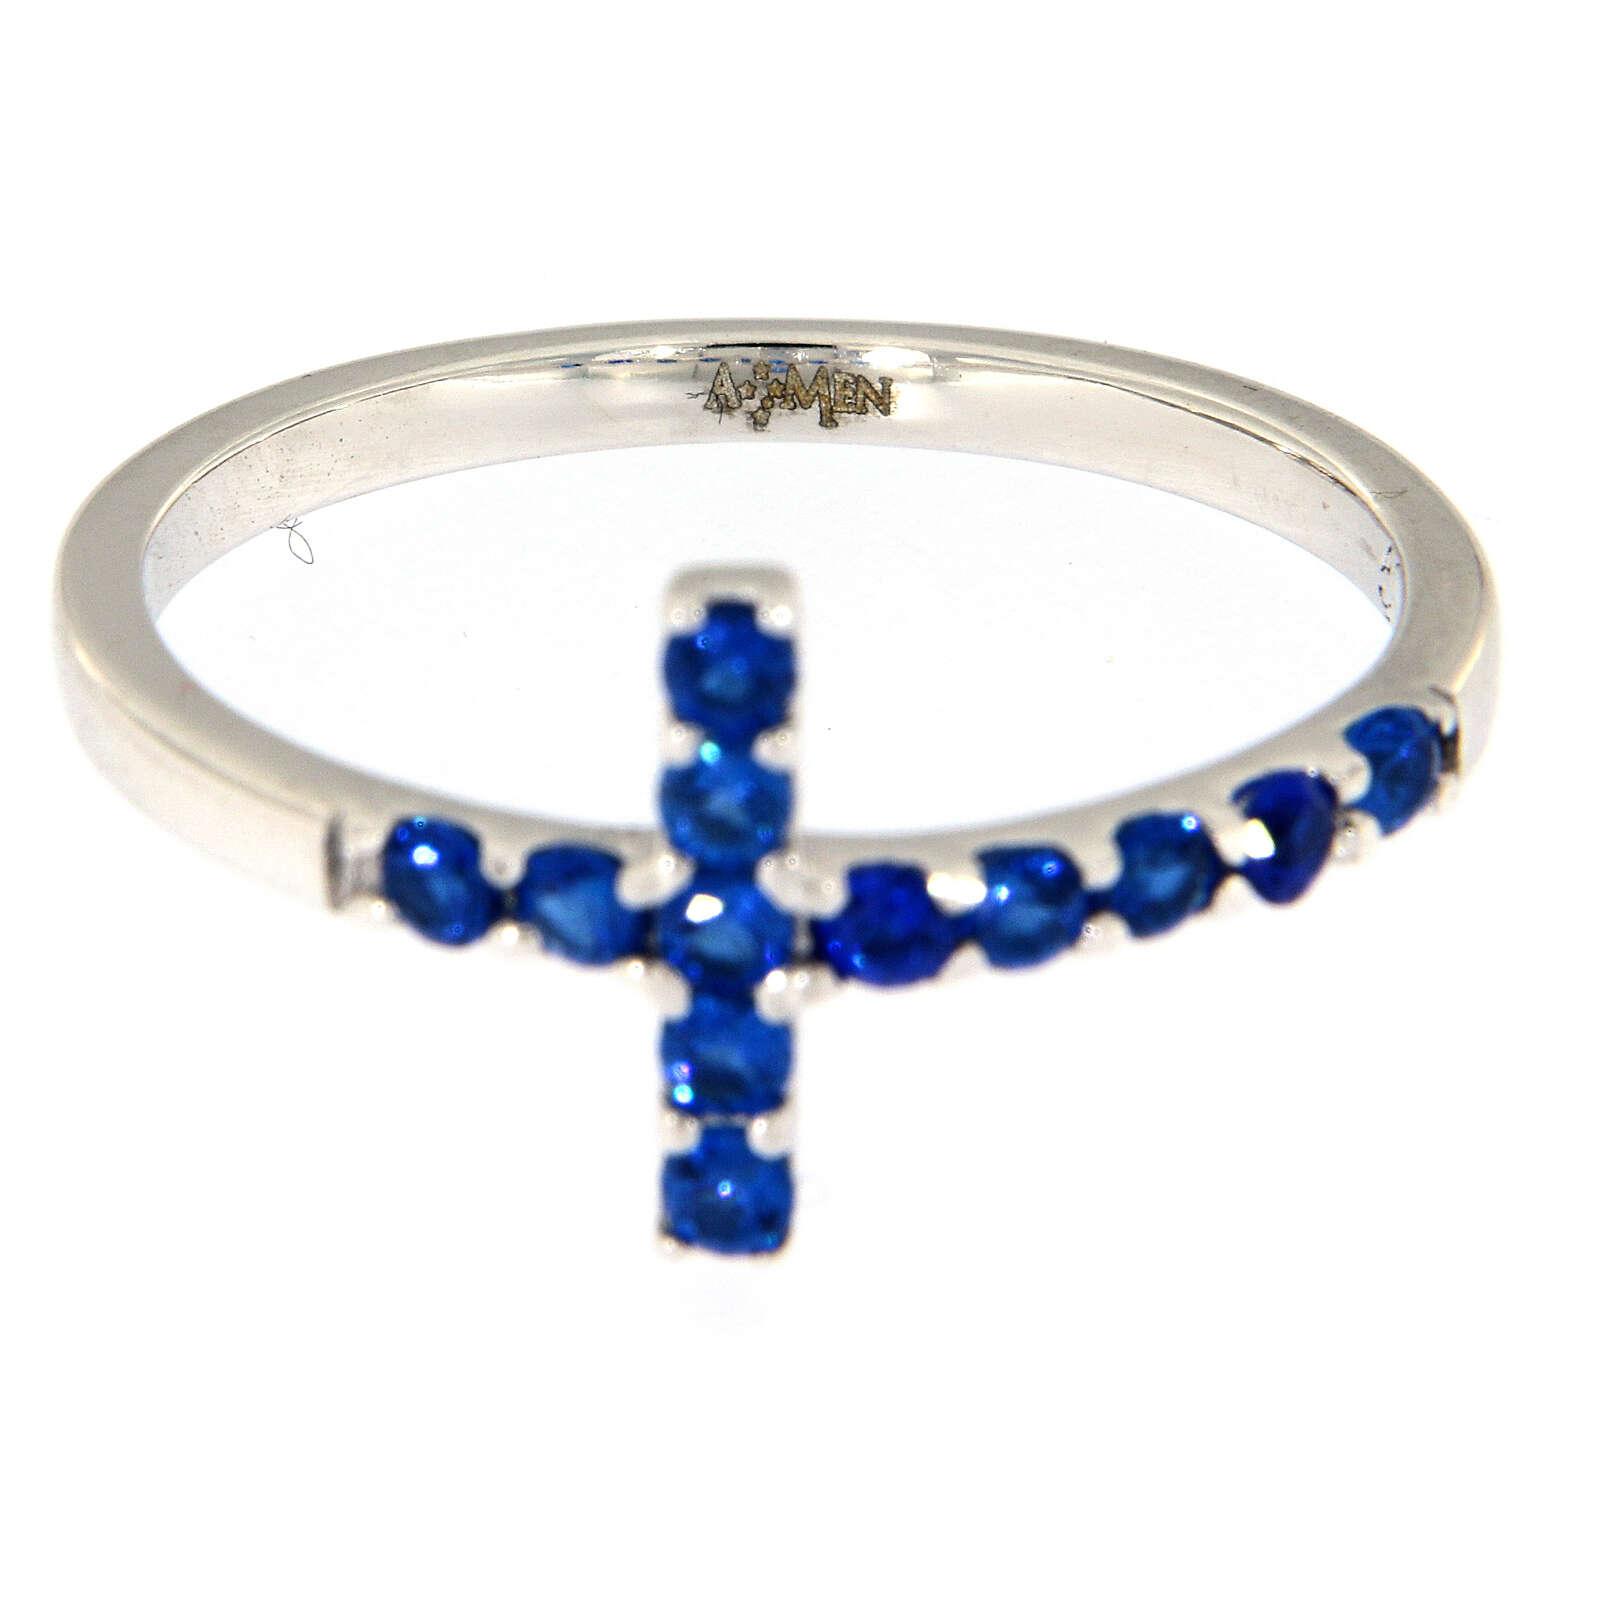 Pierścionek AMEN krzyż srebro 925 białe cyrkonie niebieskie 3